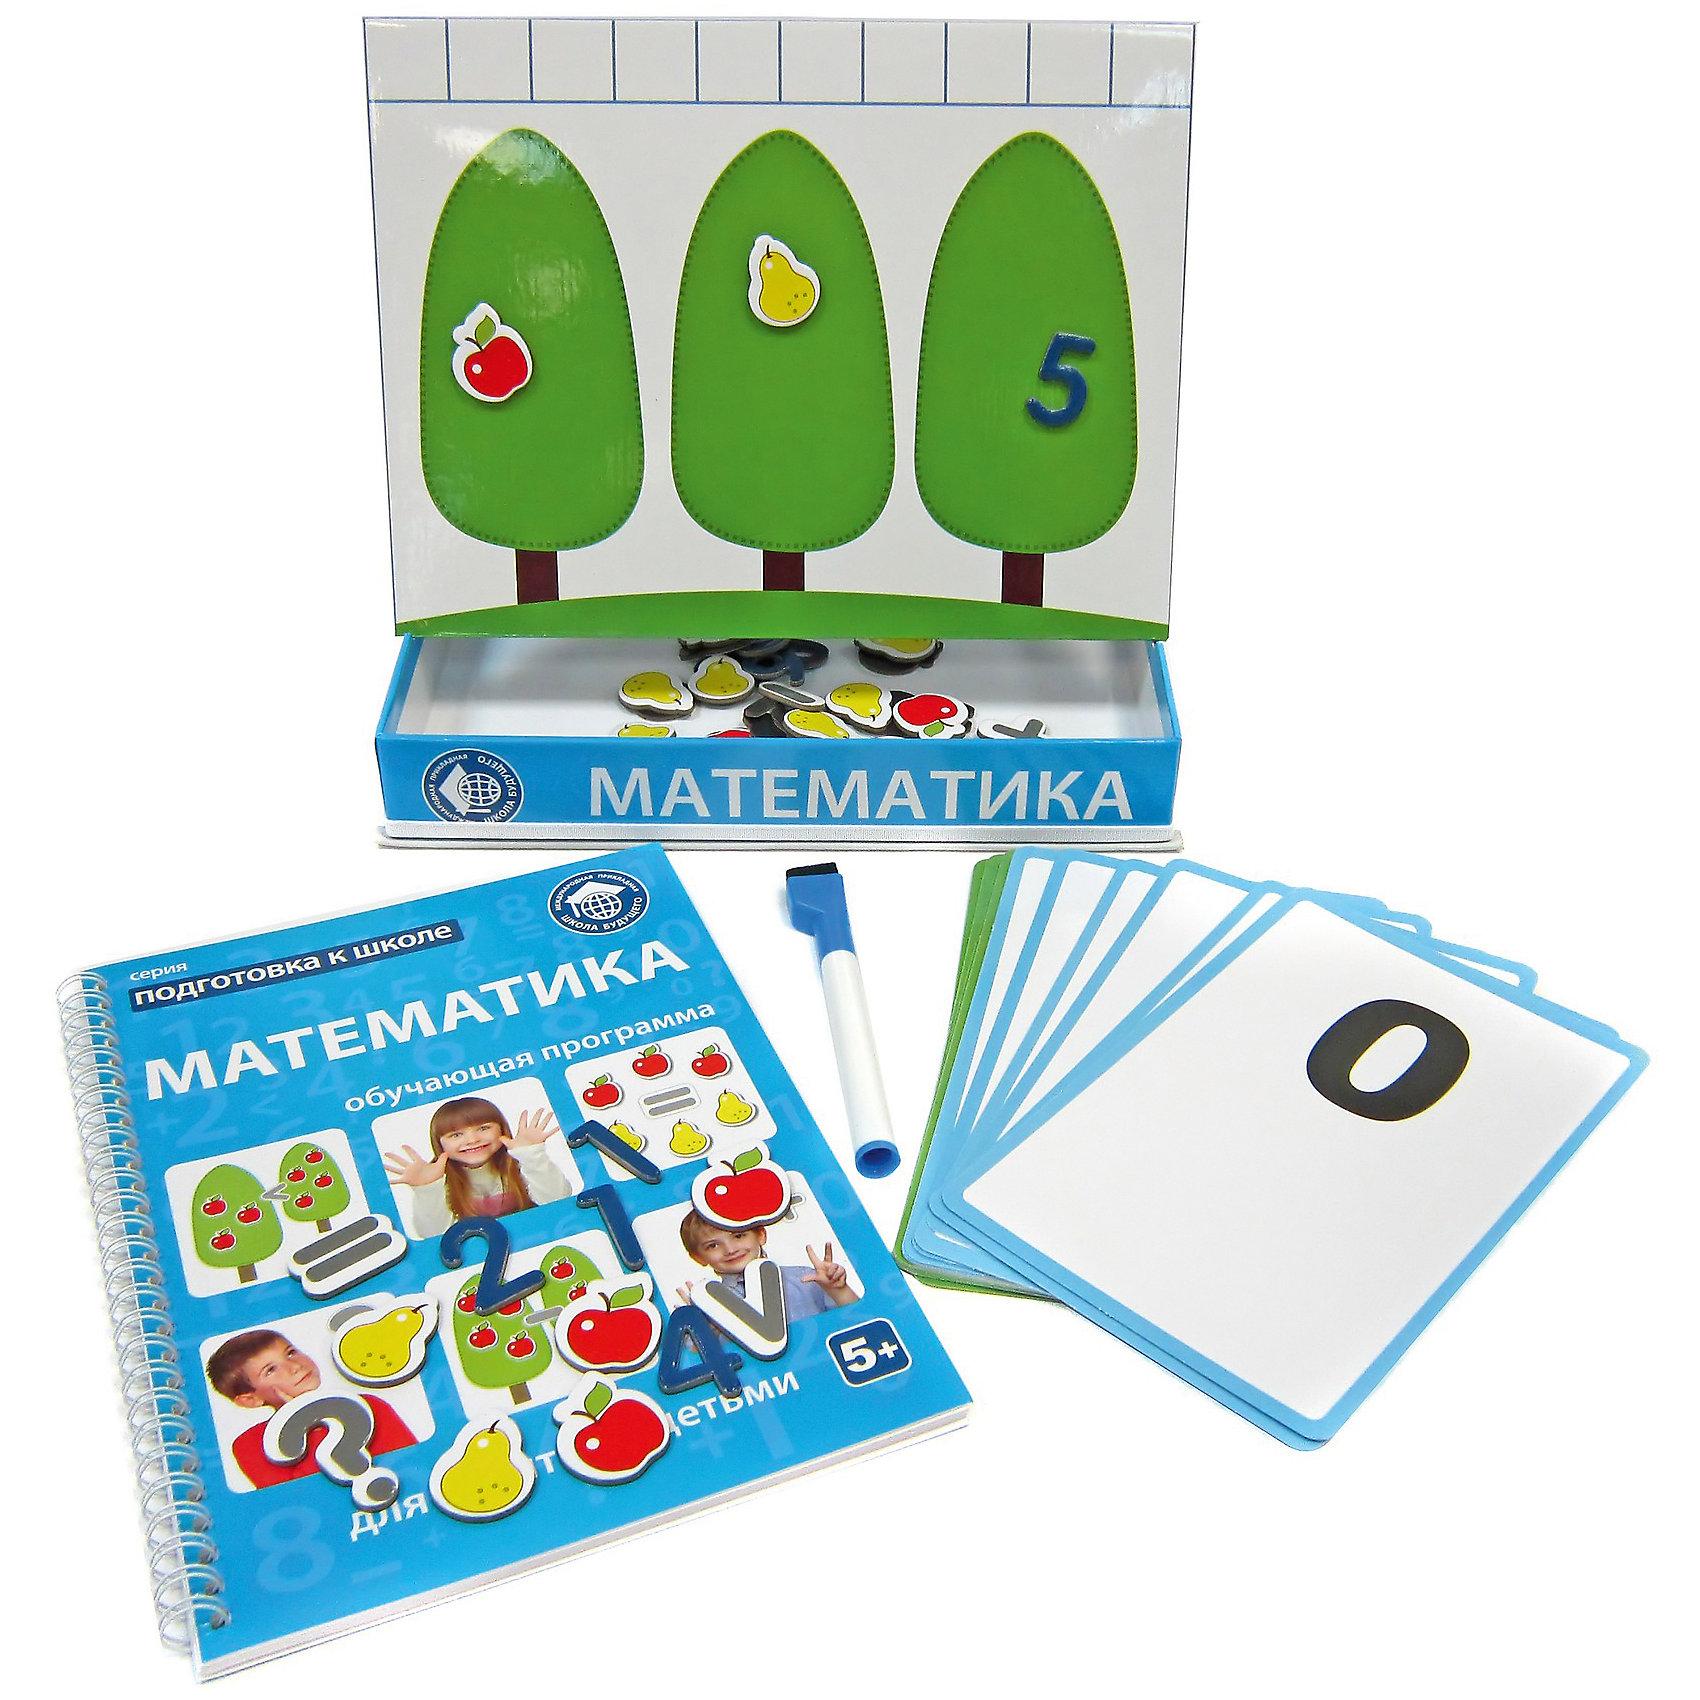 Обучающий набор «Математика: сложение и вычитание»Пособия для обучения счёту<br>Обучающий набор «МАТЕМАТИКА: сложение и вычитание» поможет ребенку освоить счет, сложение и вычитание в пределах двадцати. В этом ему помогут магнитные цифры и обучающие карточки. Курс обучения даст возможность ознакомиться с математическими действиями, научиться сравнивать числа и с легкостью решать задачи. Кроме этого, в курс включено большое количество практических заданий, которые дадут возможность ребенку применить полученные знания.@#<br>В комплект входит: 1 магнитная доска для занятий,  57 магнитов, 22 обучающие карточки, 1  маркер «пиши-стирай», обучающая программа (книжка для родителей).@#<br>Набор продается в упаковке из плотного картона. Ее размер: 20,3х26,5х4,5 см. @#<br>Рекомендуется детям старше 5 лет.<br><br>Ширина мм: 265<br>Глубина мм: 45<br>Высота мм: 203<br>Вес г: 980<br>Возраст от месяцев: 36<br>Возраст до месяцев: 84<br>Пол: Унисекс<br>Возраст: Детский<br>SKU: 5426454